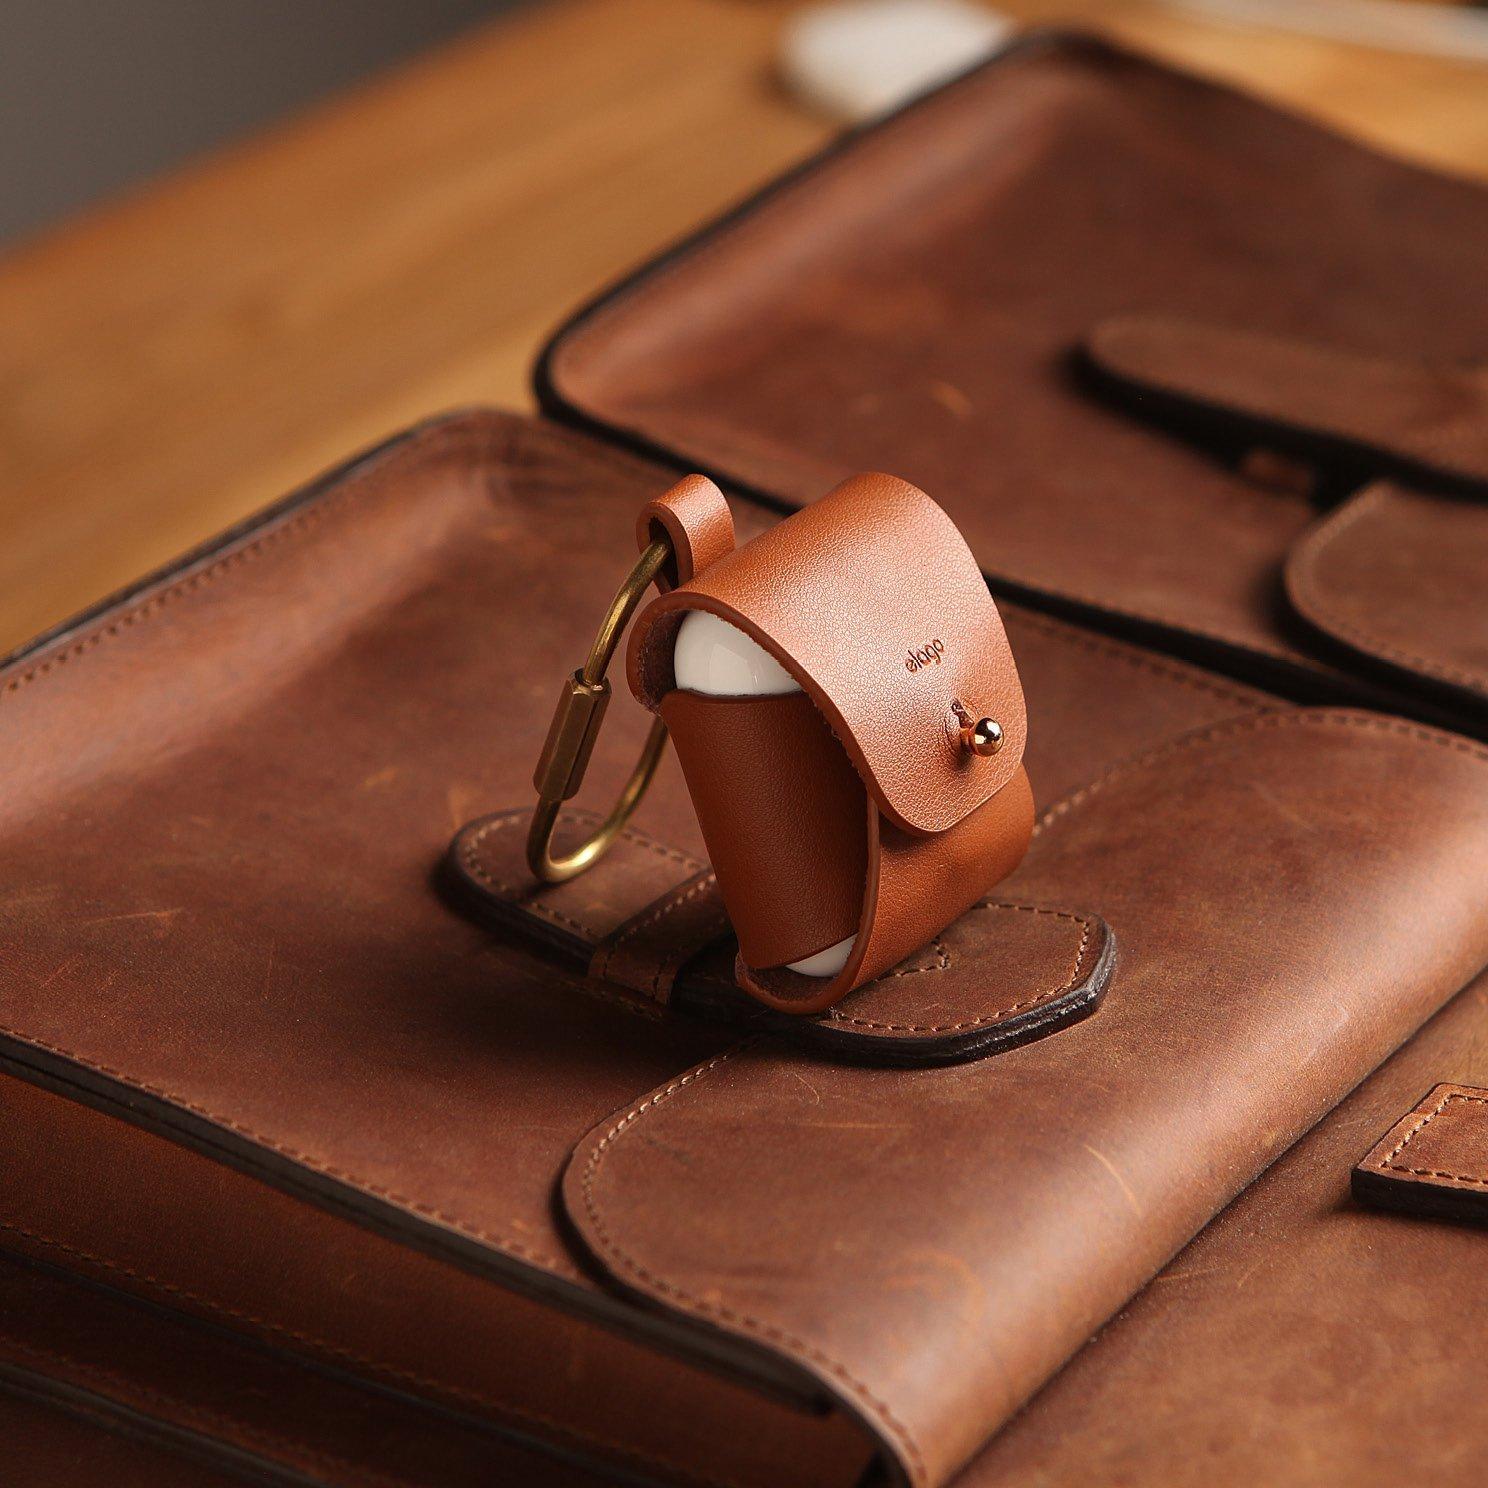 Airpods Leather Case Black Elago